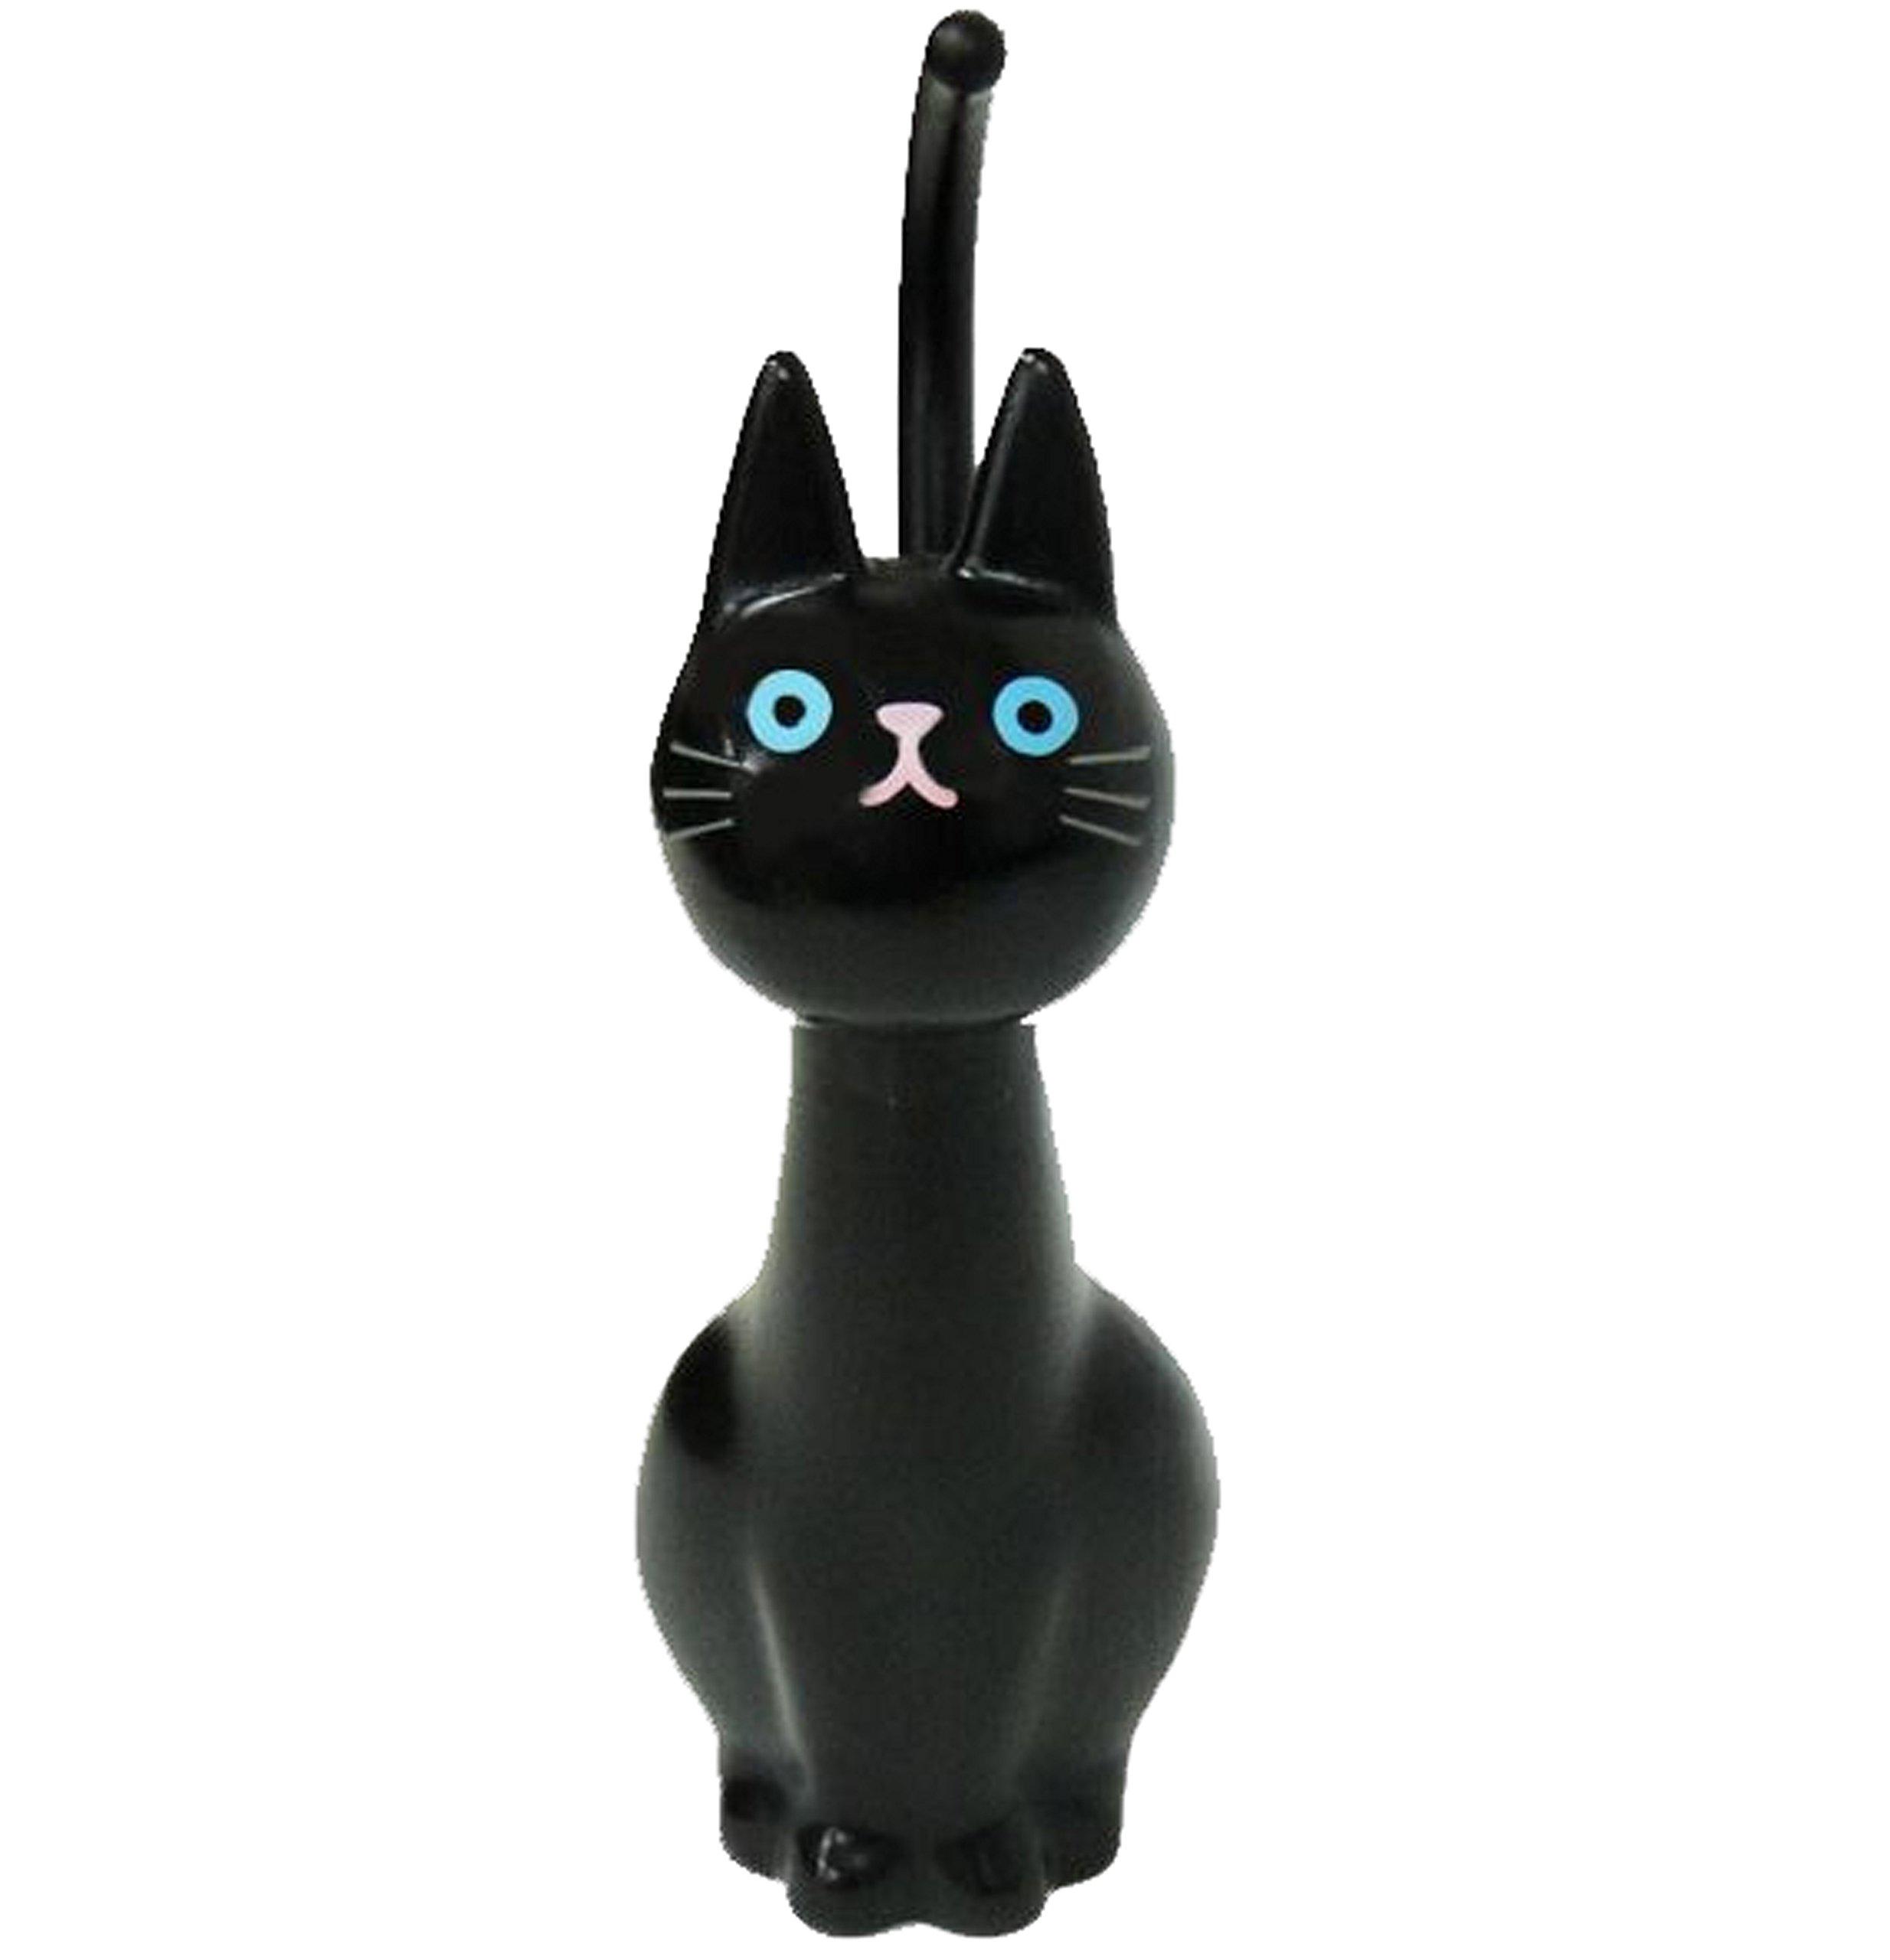 Meiho ME02 Cat Toilet Brush Black by Meiho